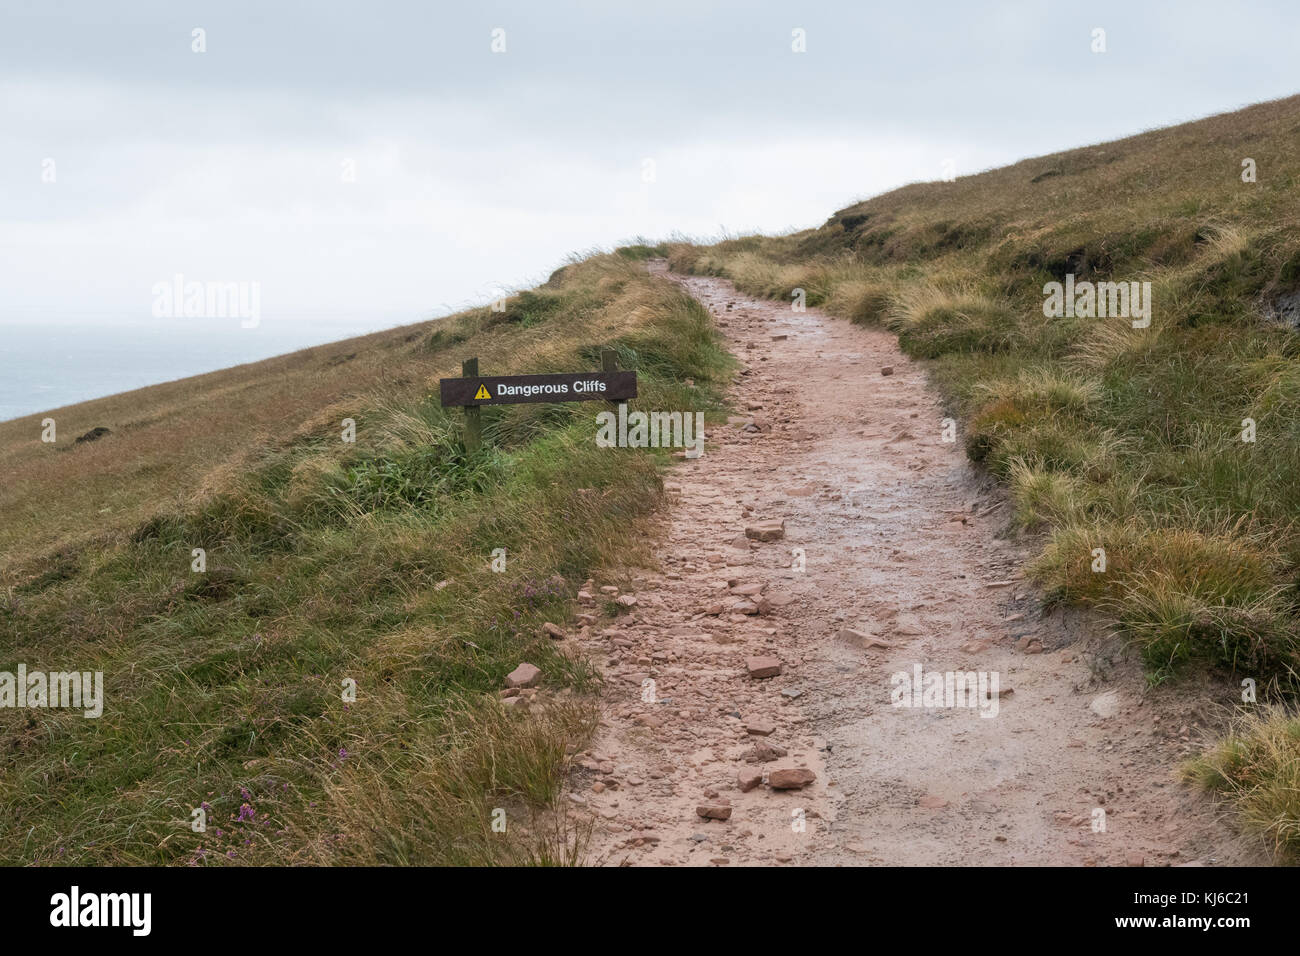 Scogli pericolosi segno accanto al sentiero scomparendo in lontananza, hoy, isole Orcadi Scozia, Regno Unito Immagini Stock